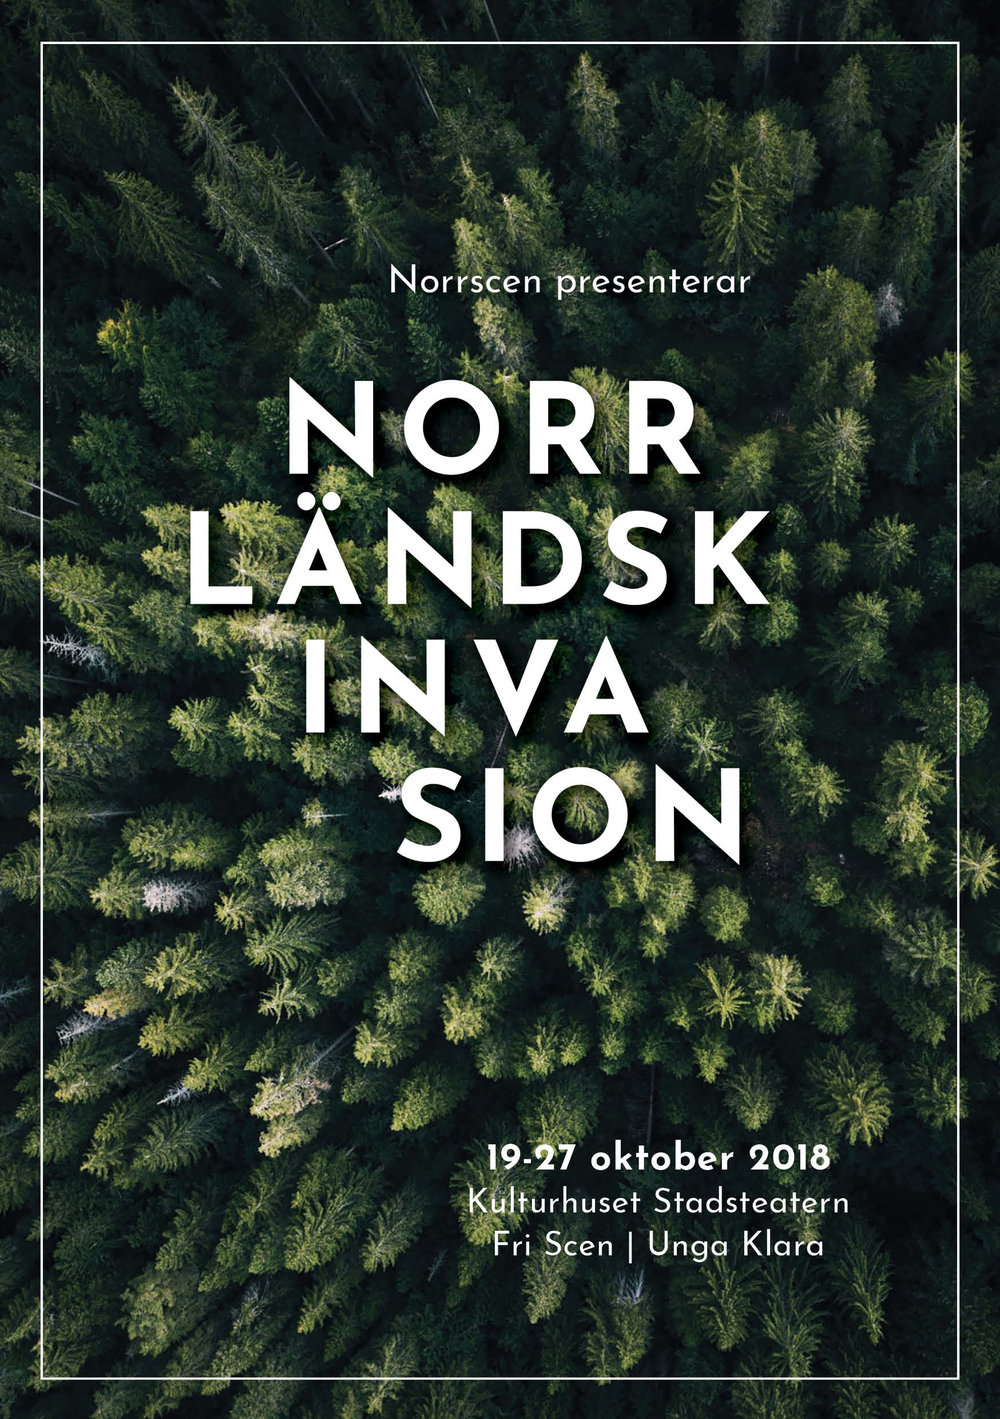 Norrlandsk-Invasion-Broschyr-Norrscen.jpg